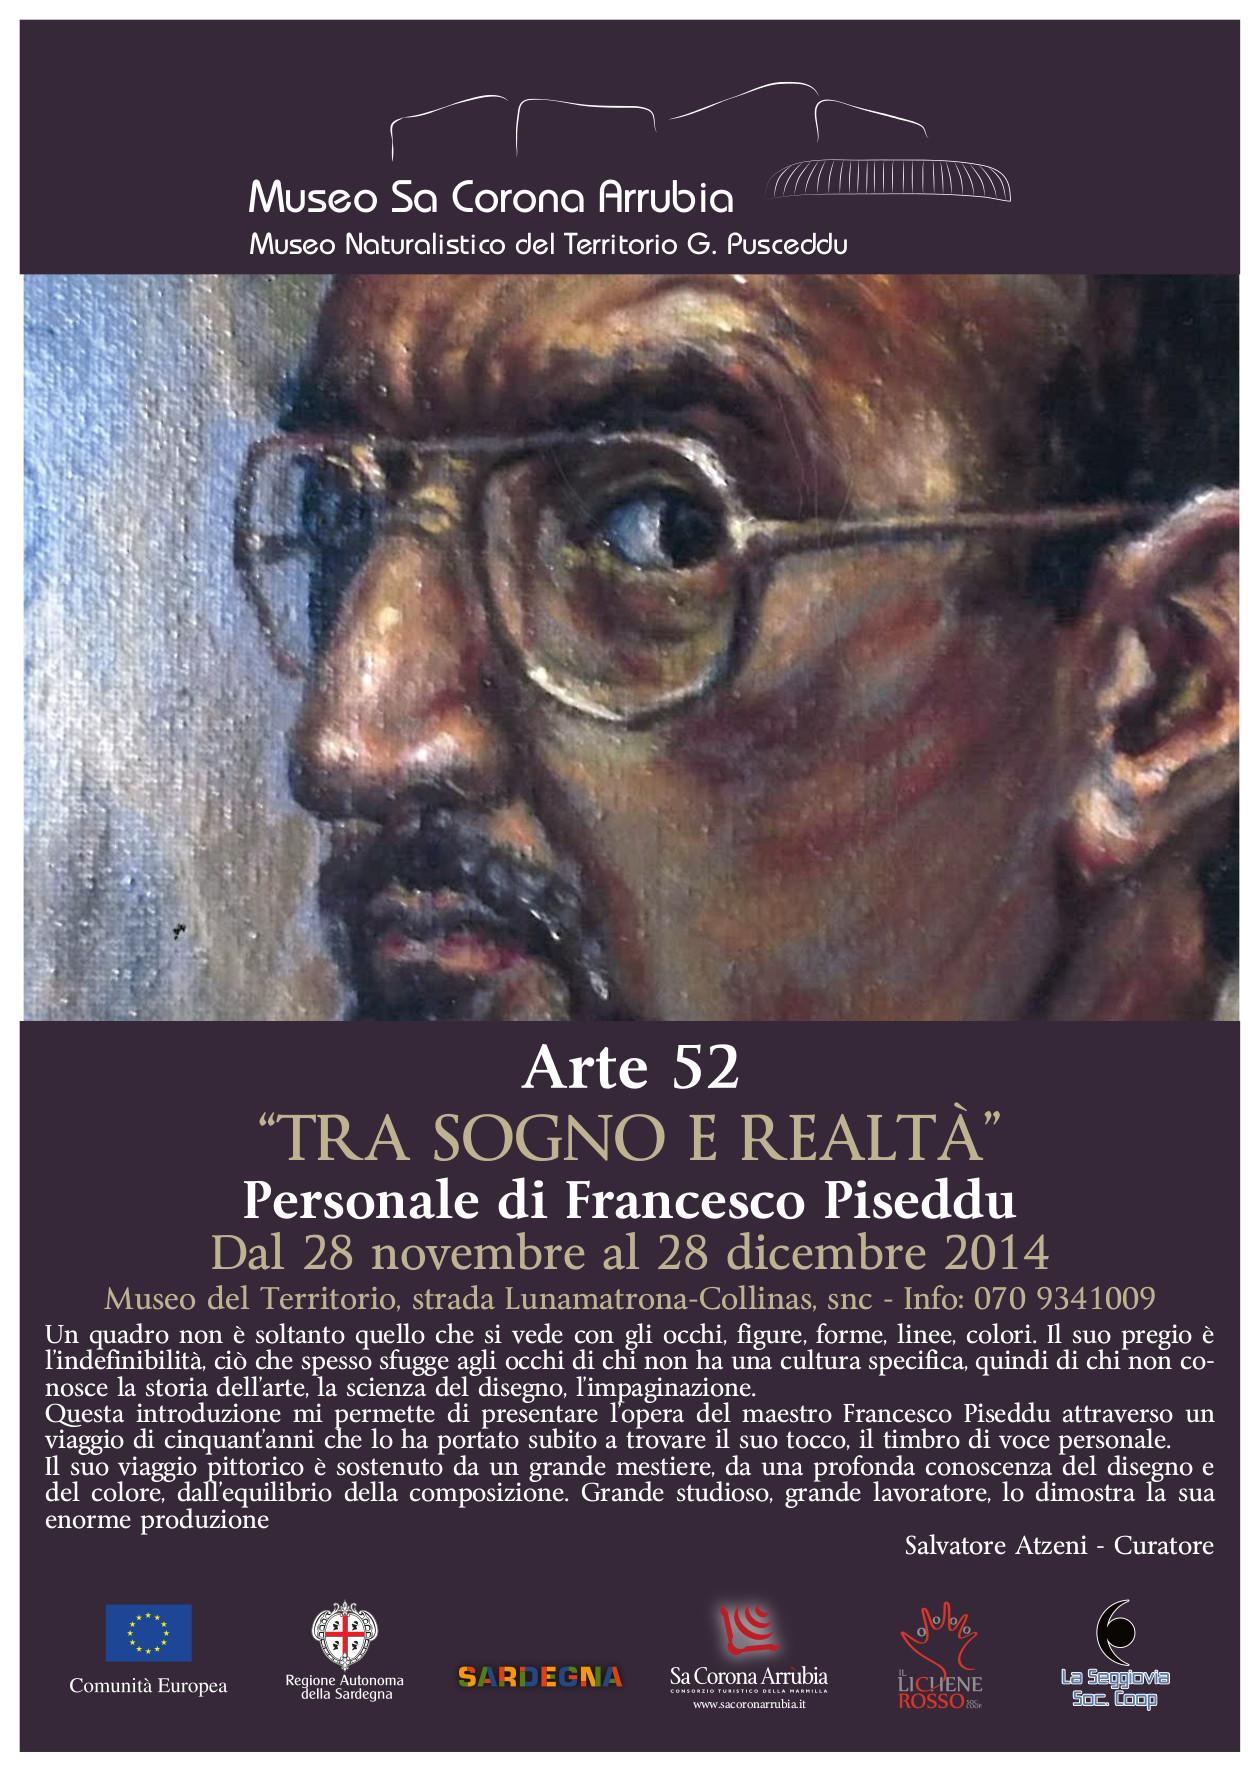 """Personale di Francesco Piseddu Dal 28 novembre al 28 dicembre 2014 Museo naturalistico del territorio """"G. Pusceddu"""""""